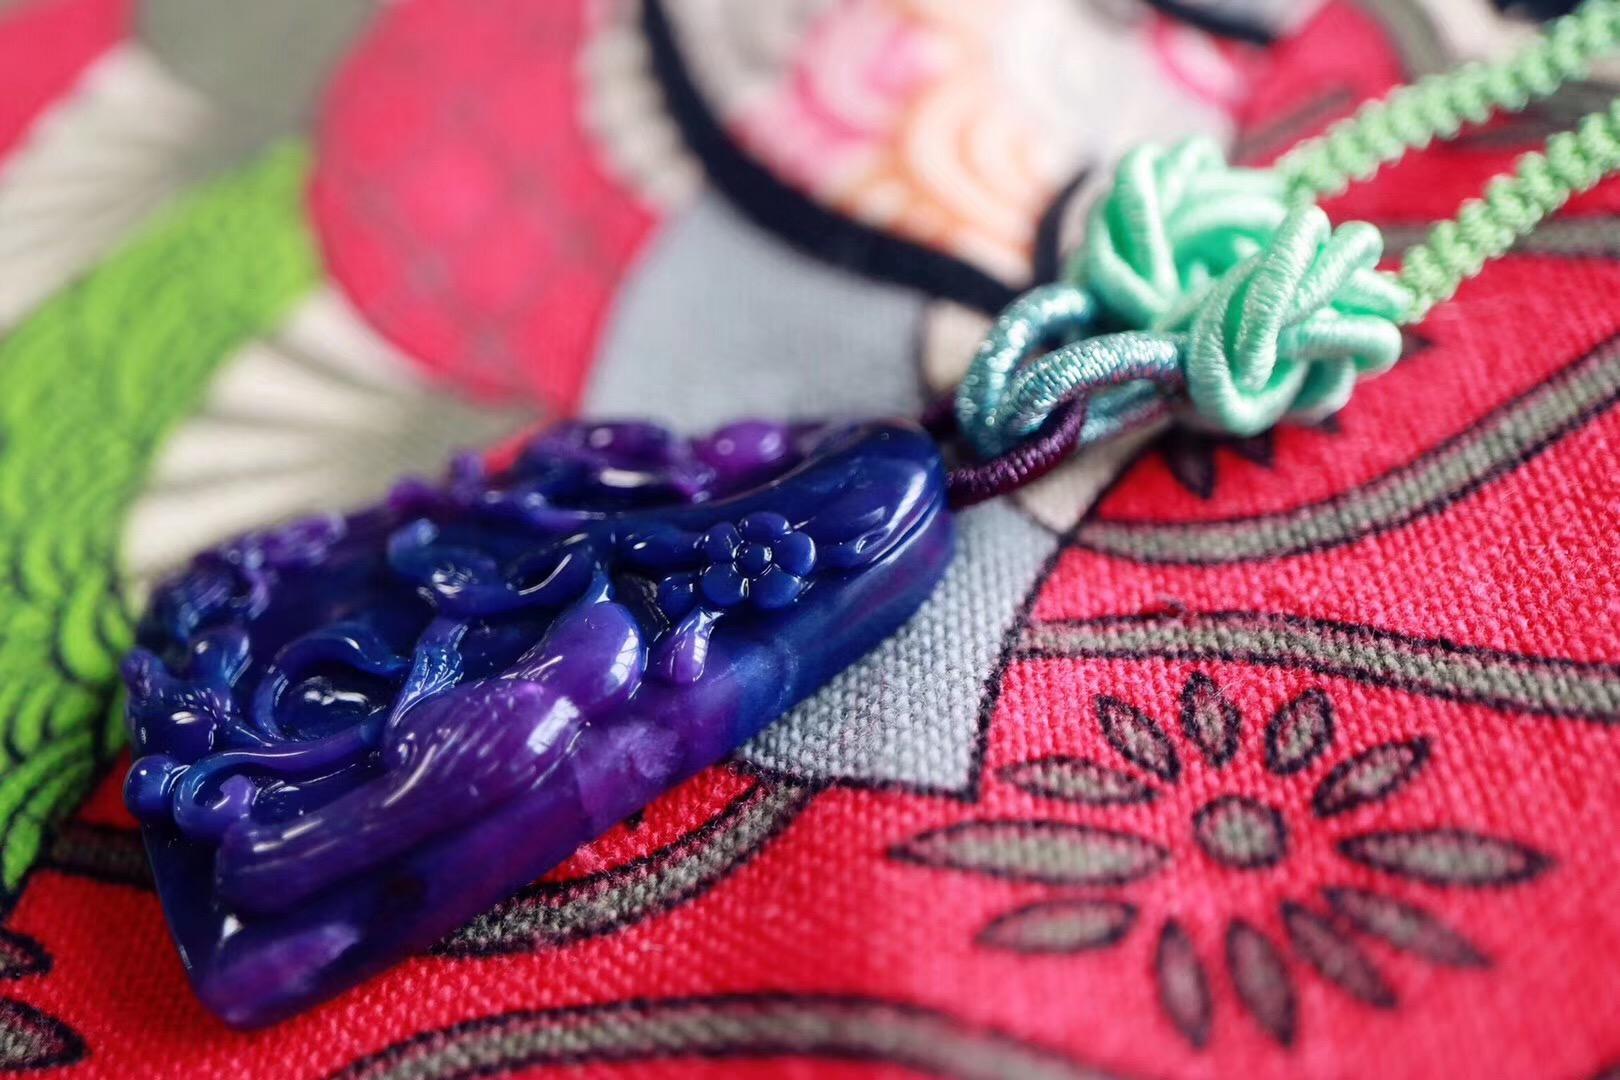 【菩心 | 老料玉化舒俱来】 当皇家紫遇上星际蓝-菩心晶舍